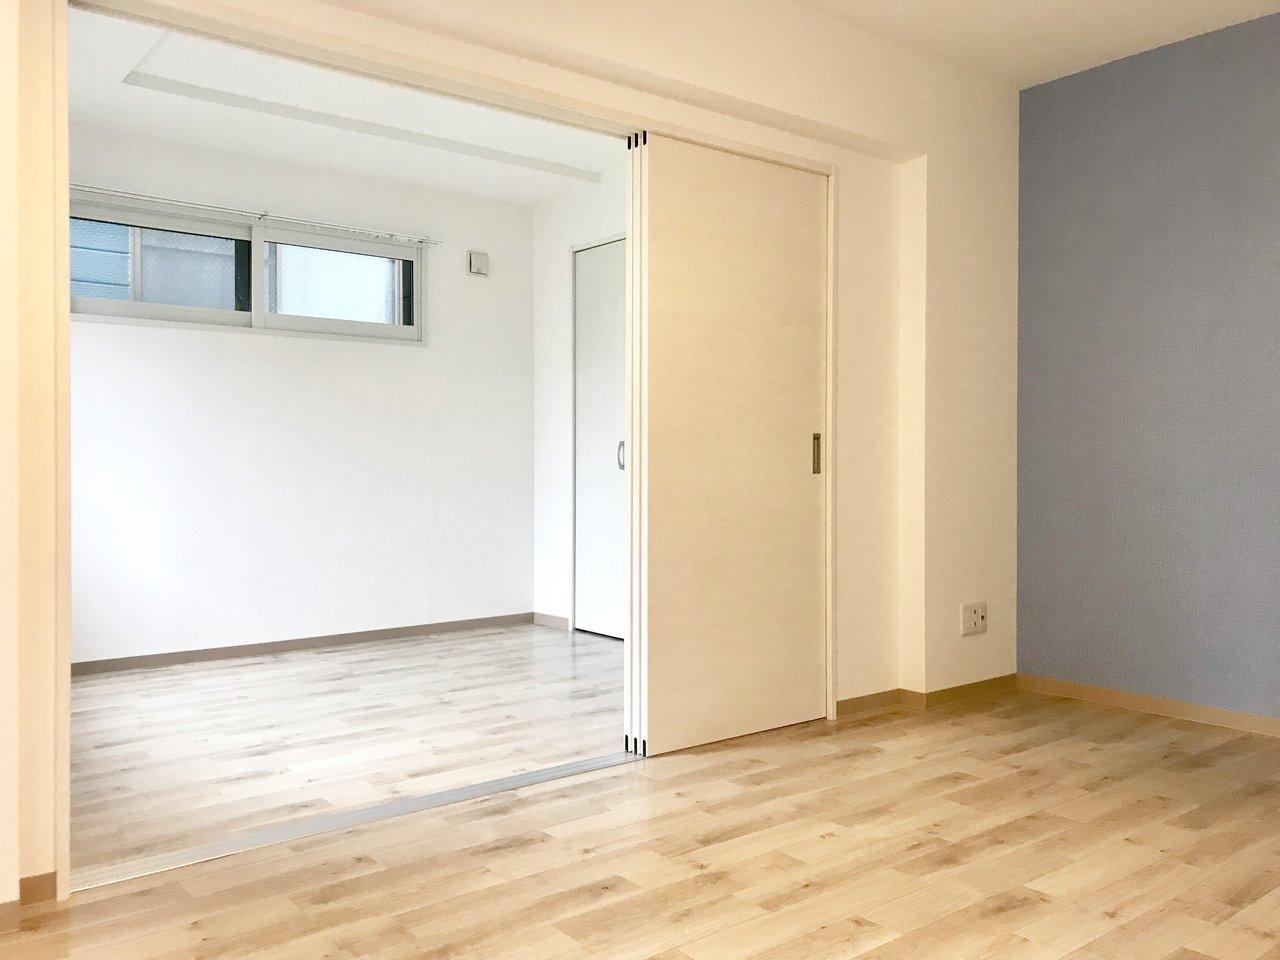 隣のお部屋は床のデザインも統一された洋室です。4.8畳とややコンパクトですが、収納スペースもあり、緑の見える窓もあって大満足。